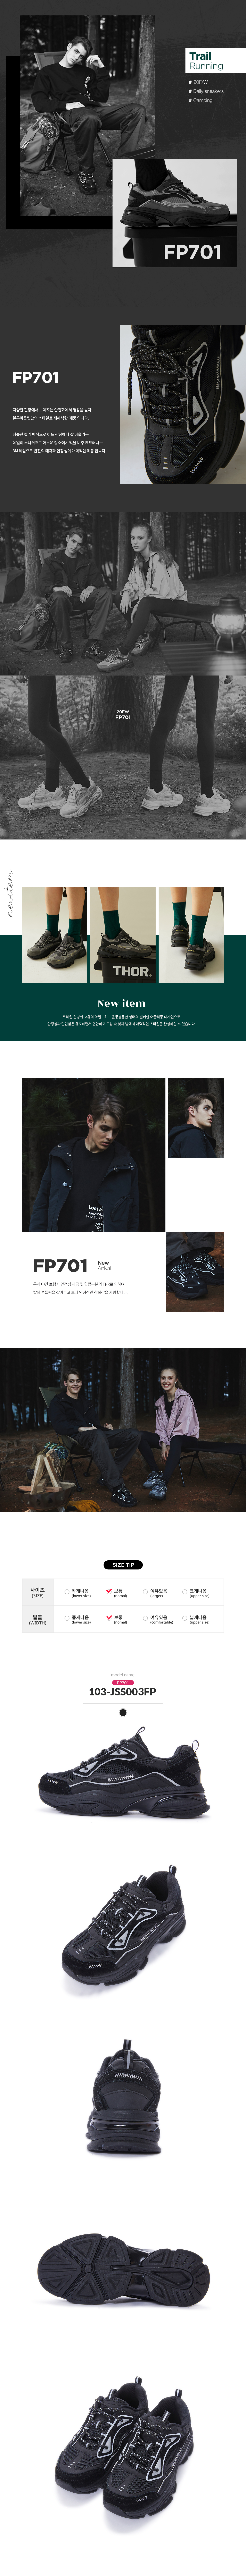 블루마운틴(BLUE MOUNTAIN) 트레일런닝화 FP701 블랙